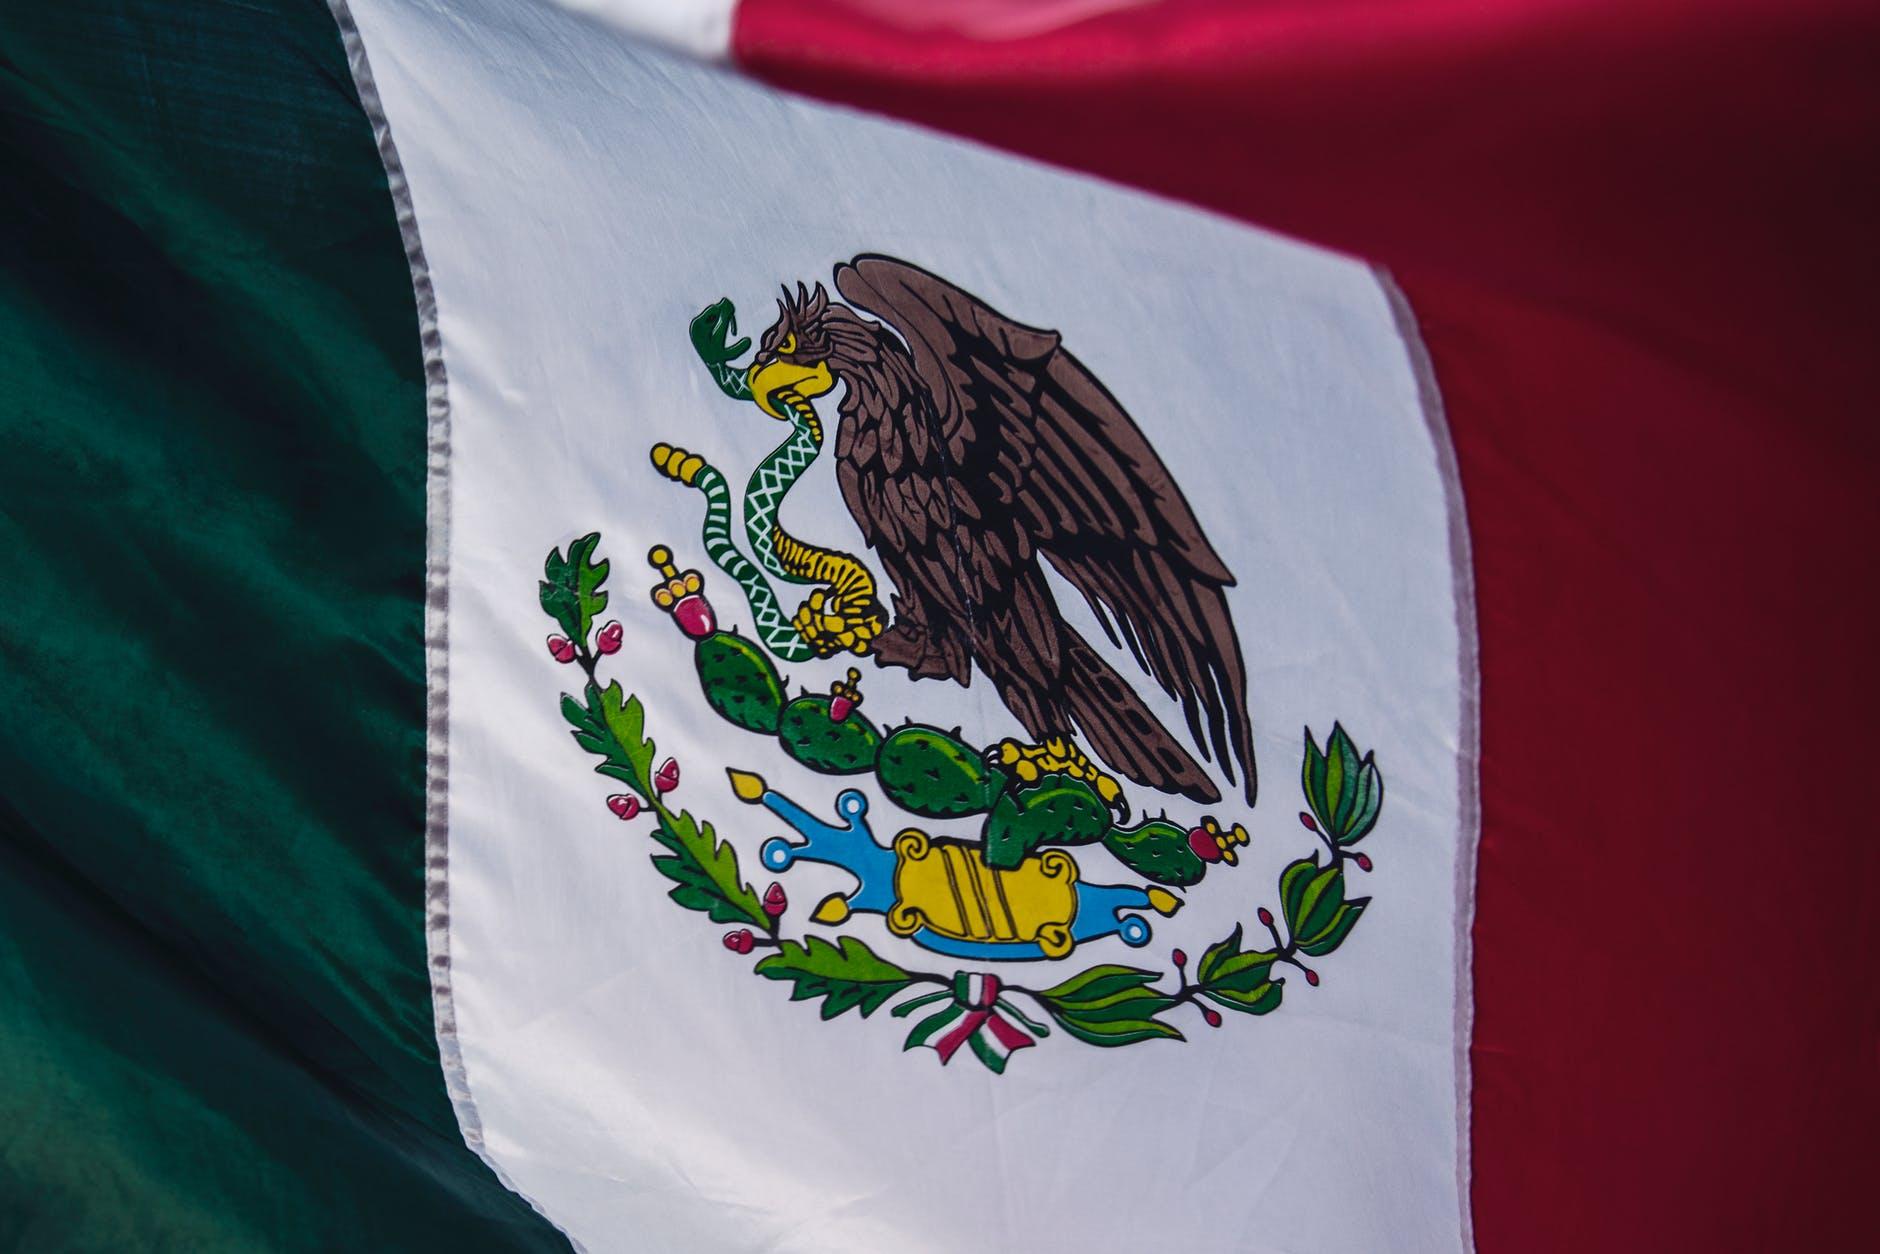 20+ Mexican Restaurants in San Antonio to Enjoy